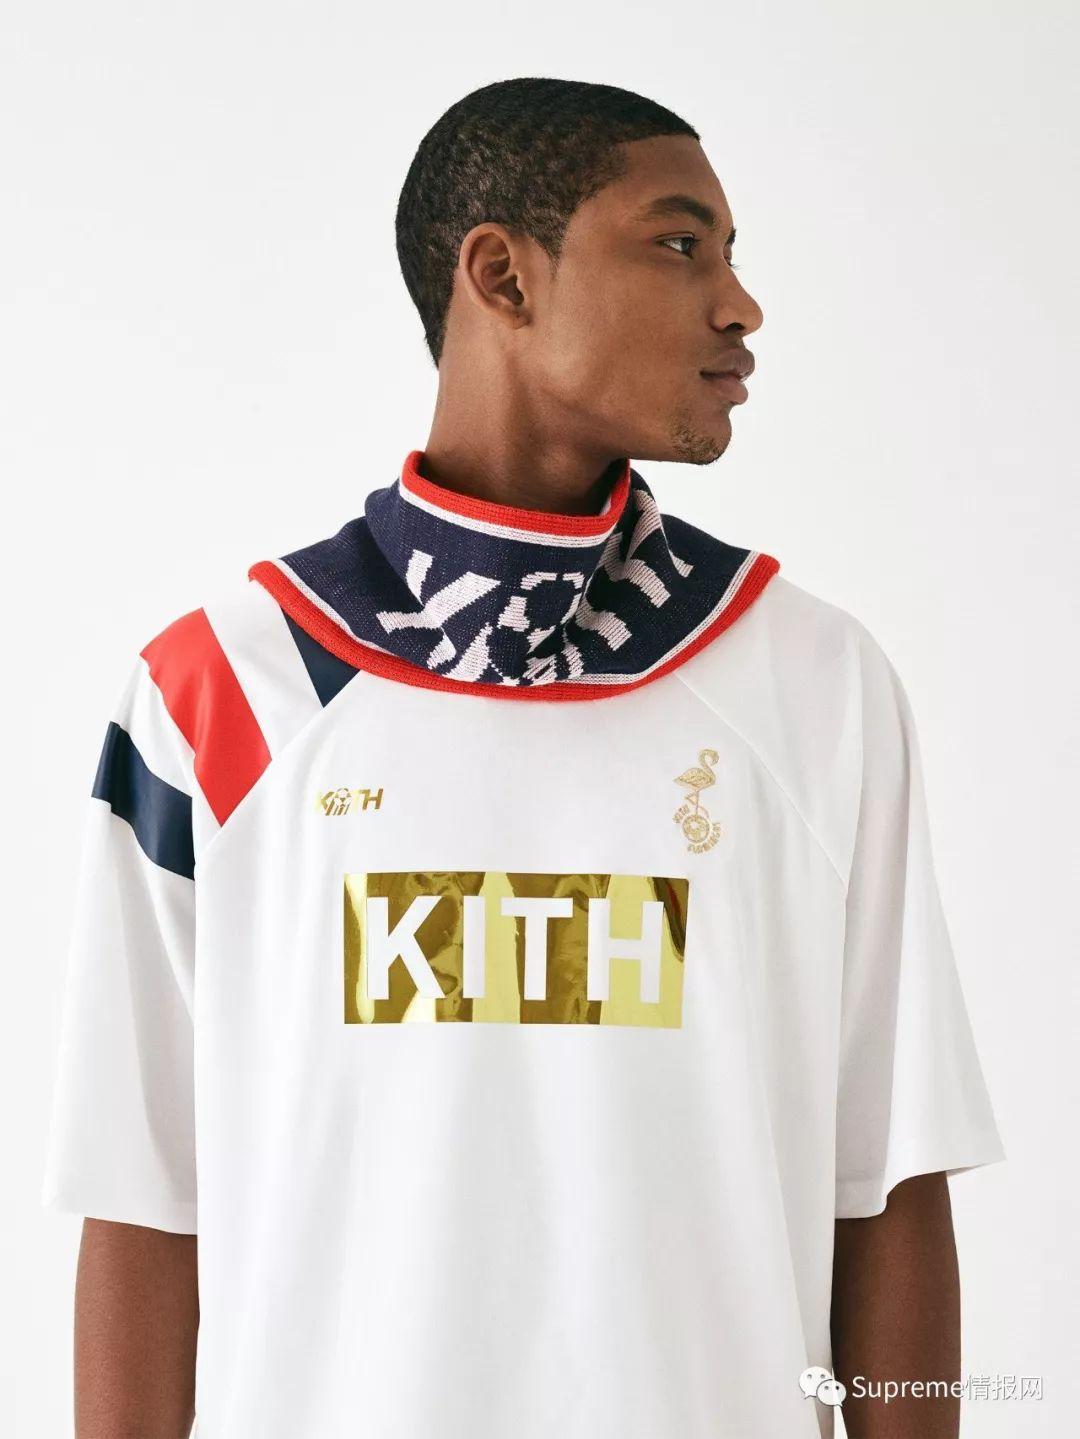 【发售预警】Kith x 阿迪达斯联名今晚发售,附官网抢购攻略!